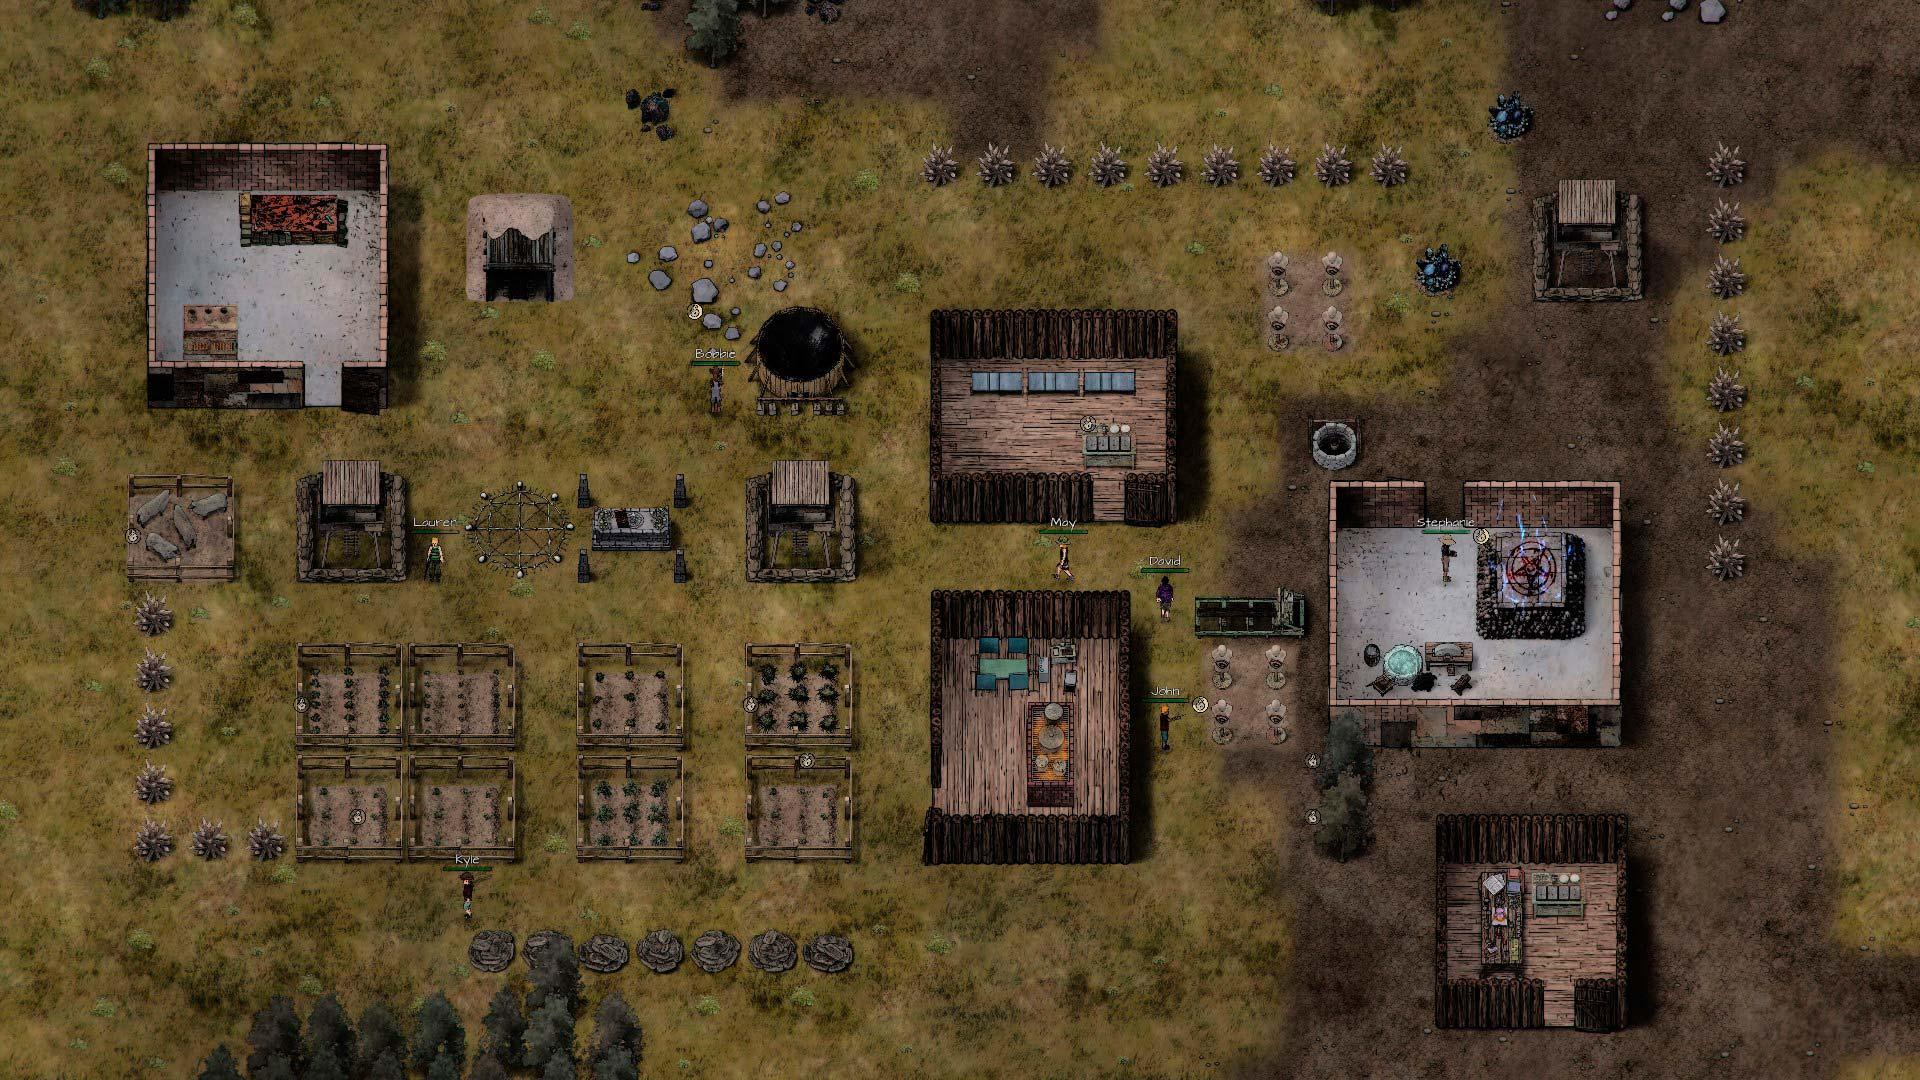 Скриншоты к Judgment: Apocalypse Survival Simulation v1.0.3965 (RUS) полная версия Репак